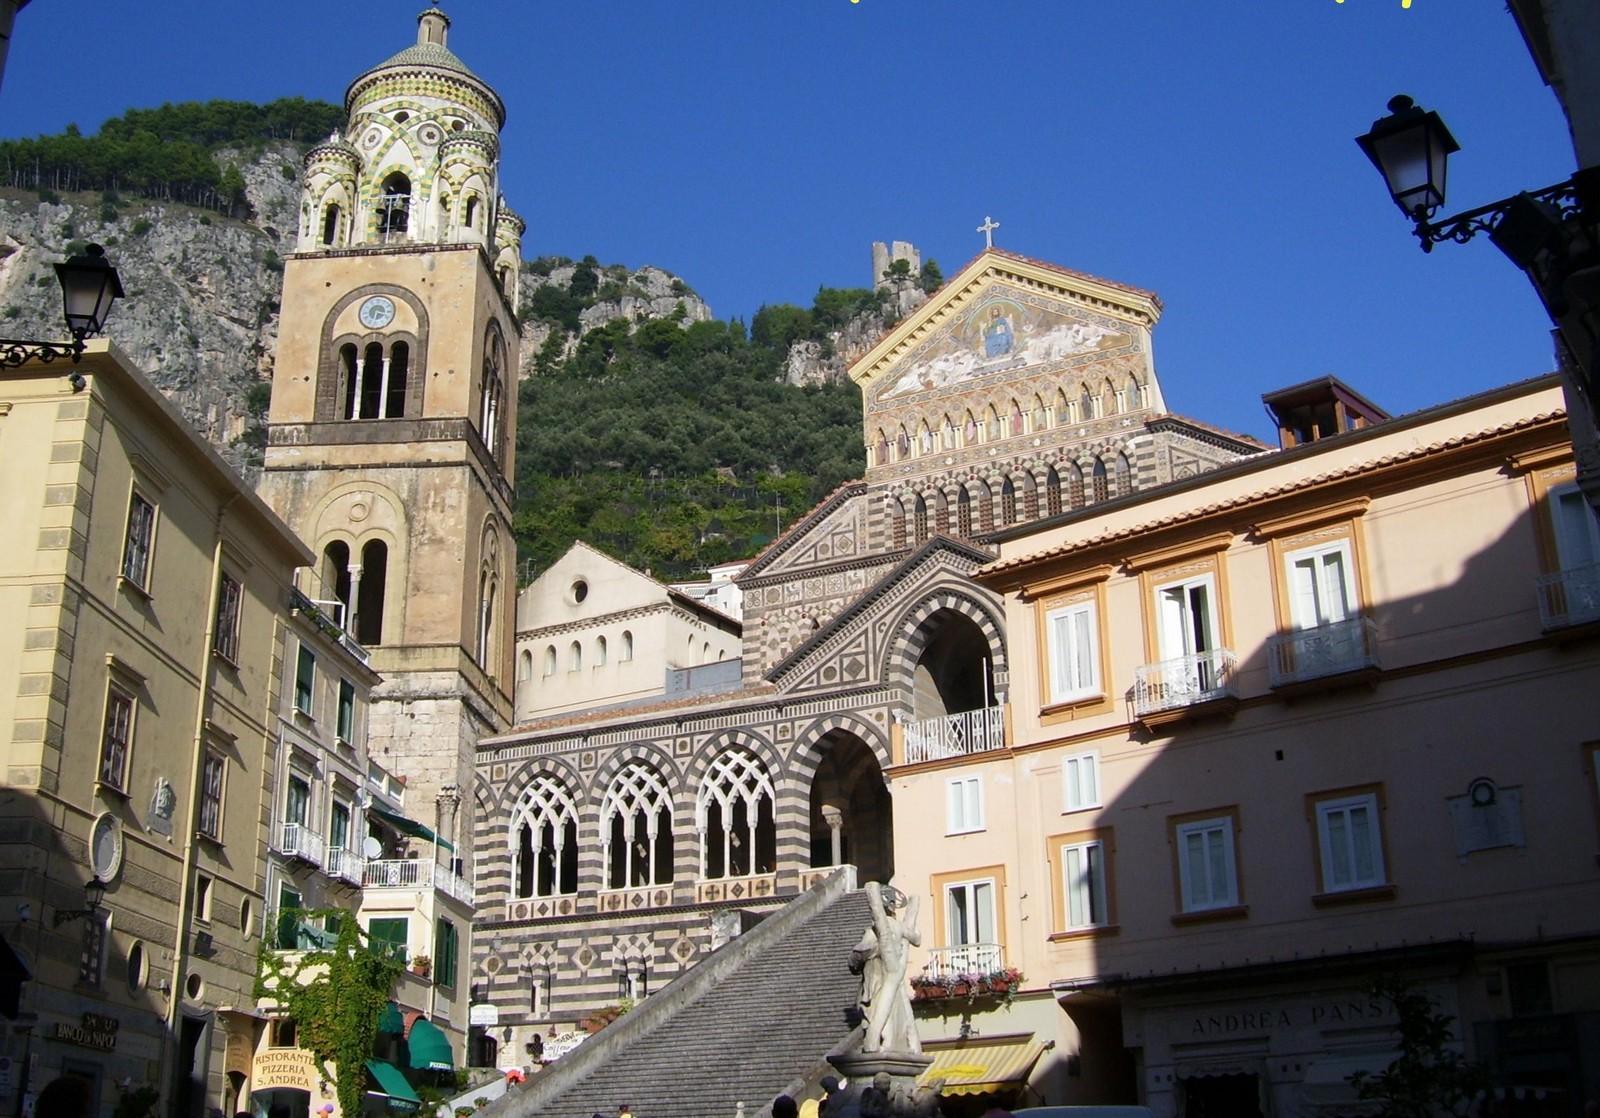 Dom von Amalfi - Amalfitana